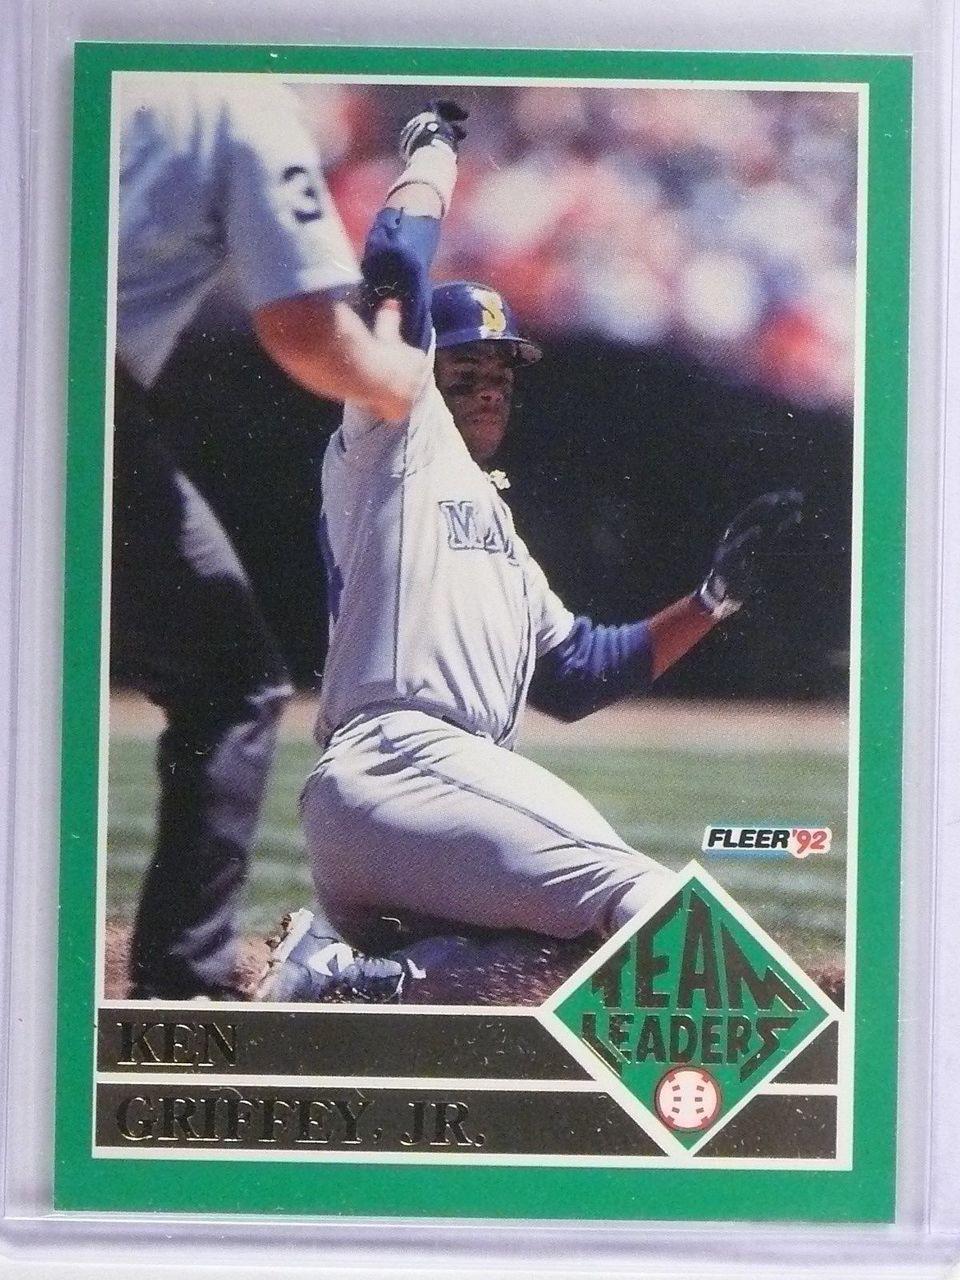 1992 Fleer Team Leaders Ken Griffey Jr 15 62322